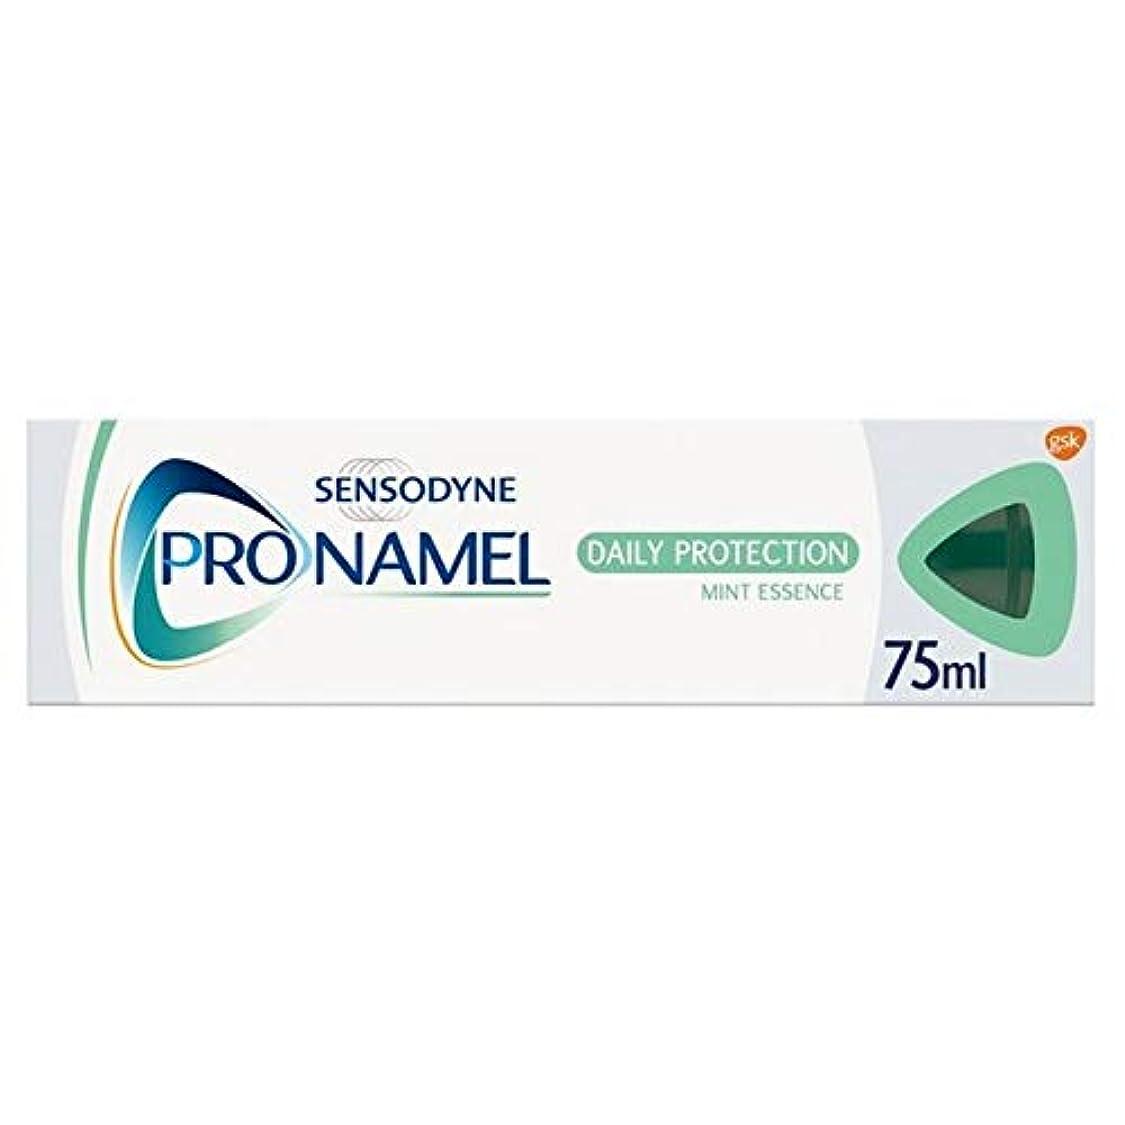 薬を飲む打ち負かす累計[Sensodyne] SensodyneのPronamel毎日保護エナメルケア歯磨き粉75ミリリットル - Sensodyne Pronamel Daily Protection Enamel Care Toothpaste...